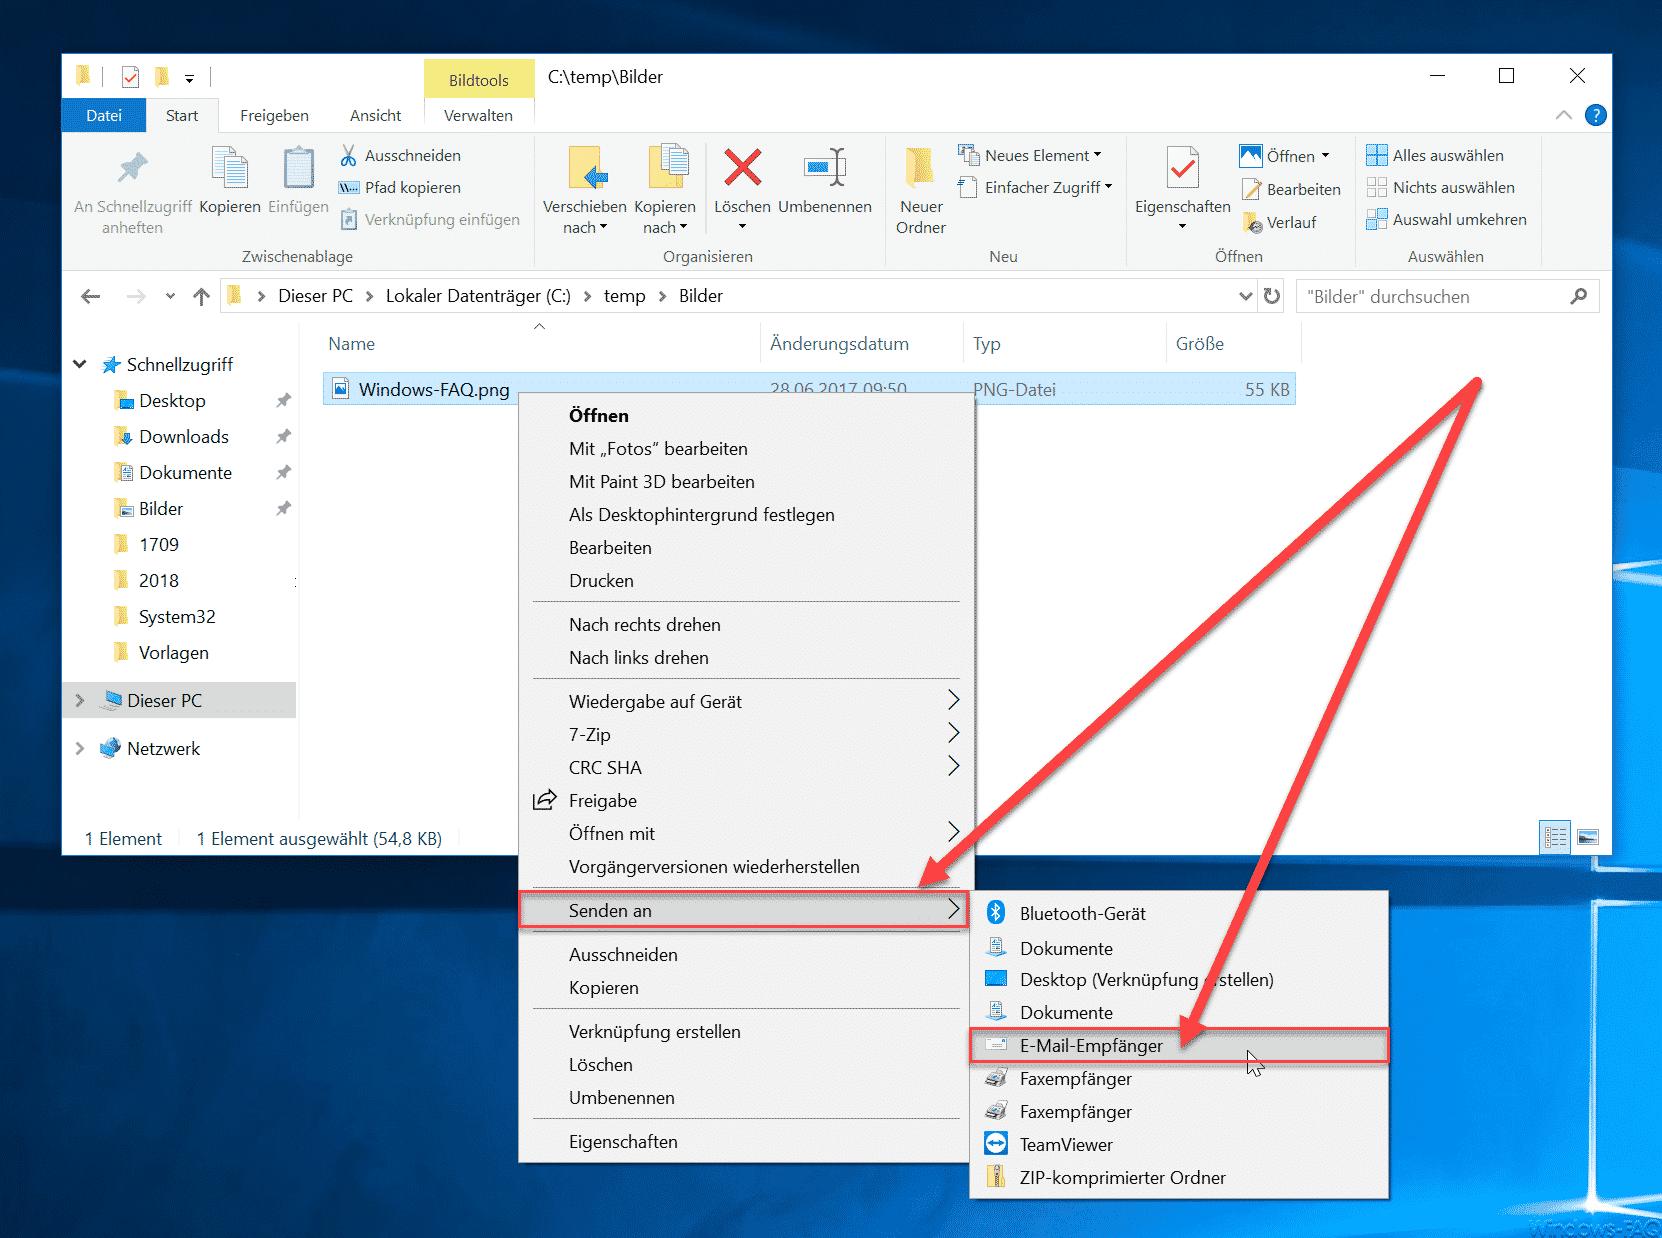 Senden an E-Mail-Empfänger